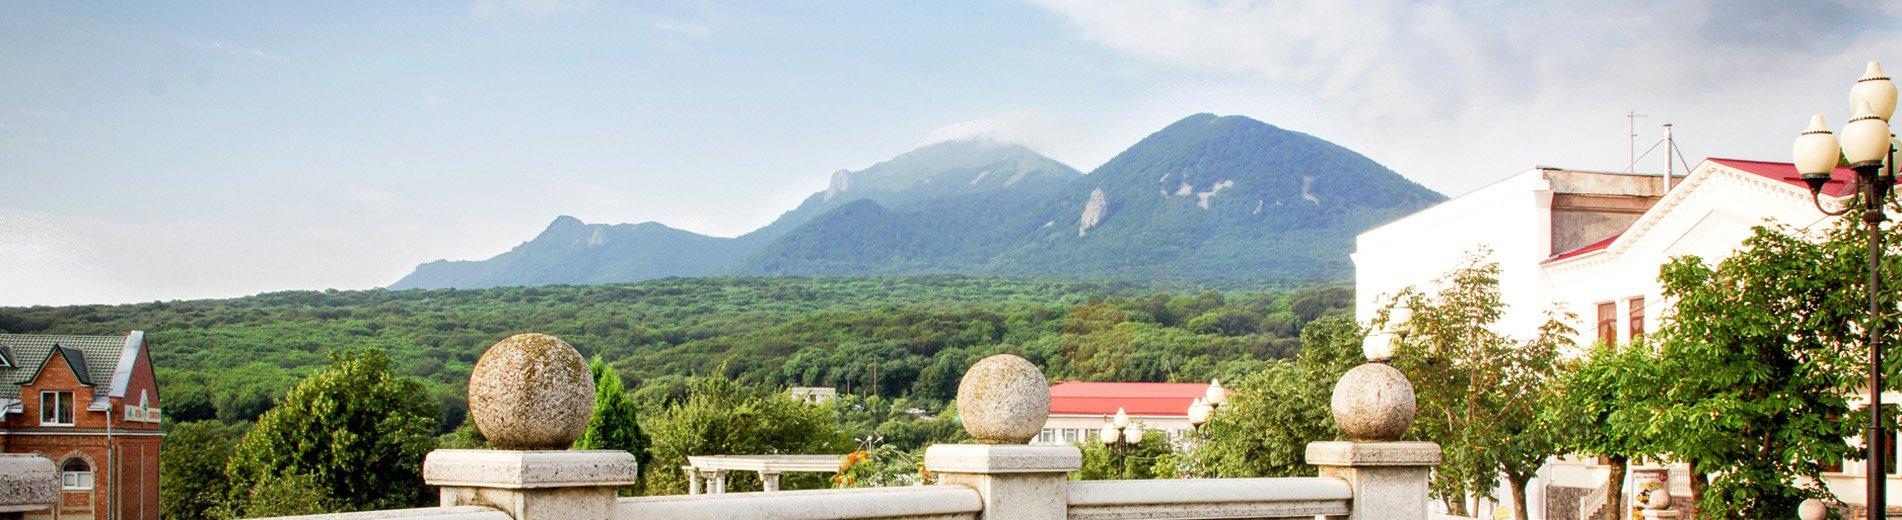 Вид на гору Бештау из отеля Рафаэль в Железноводске